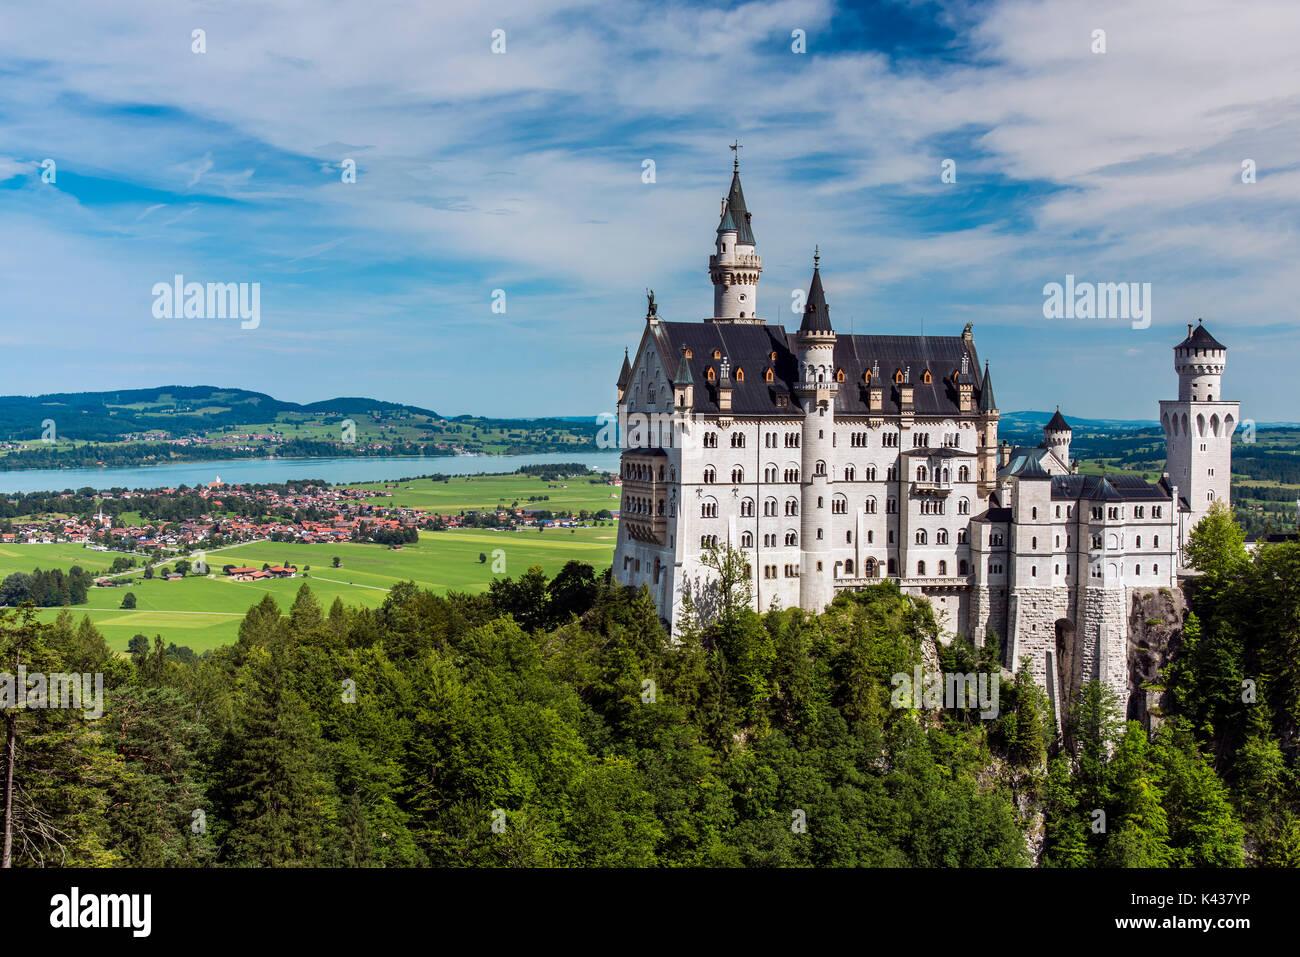 Neuschwanstein Castle or Schloss Neuschwanstein, Schwangau, Bavaria, Germany - Stock Image